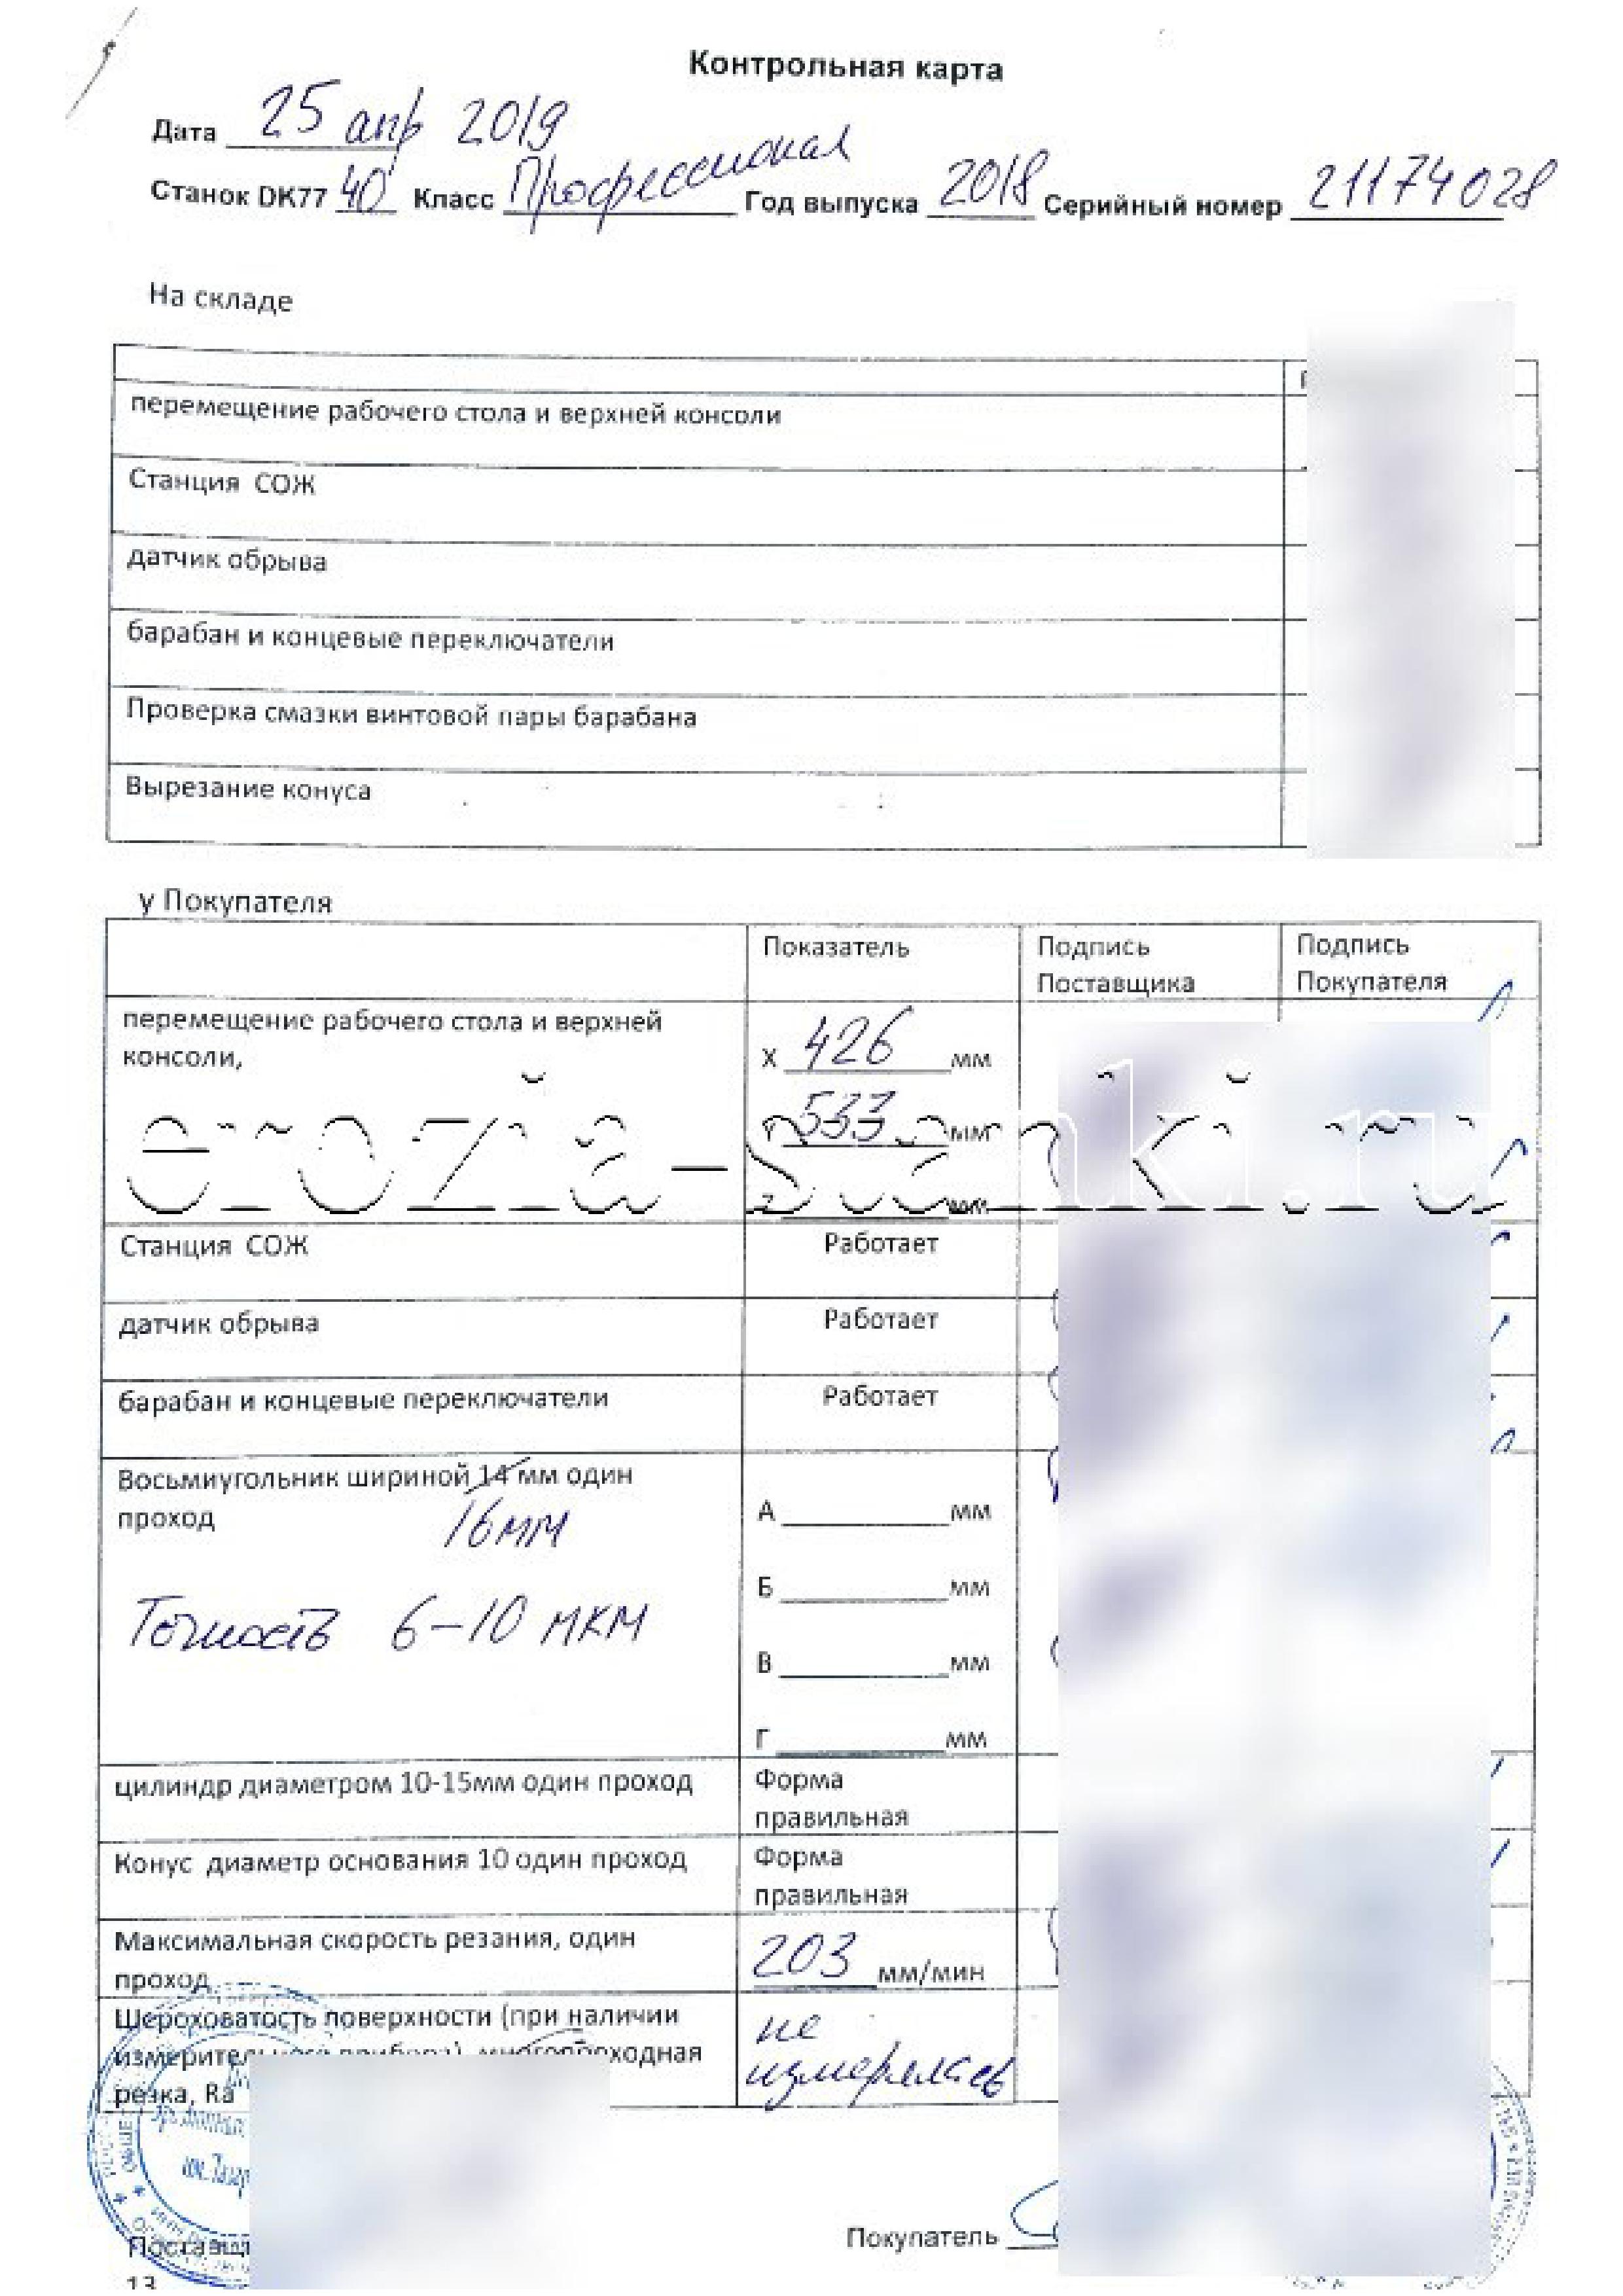 Отчет по итогам ПНР DK 7740С г. Челябинск. Апрель 2019г.